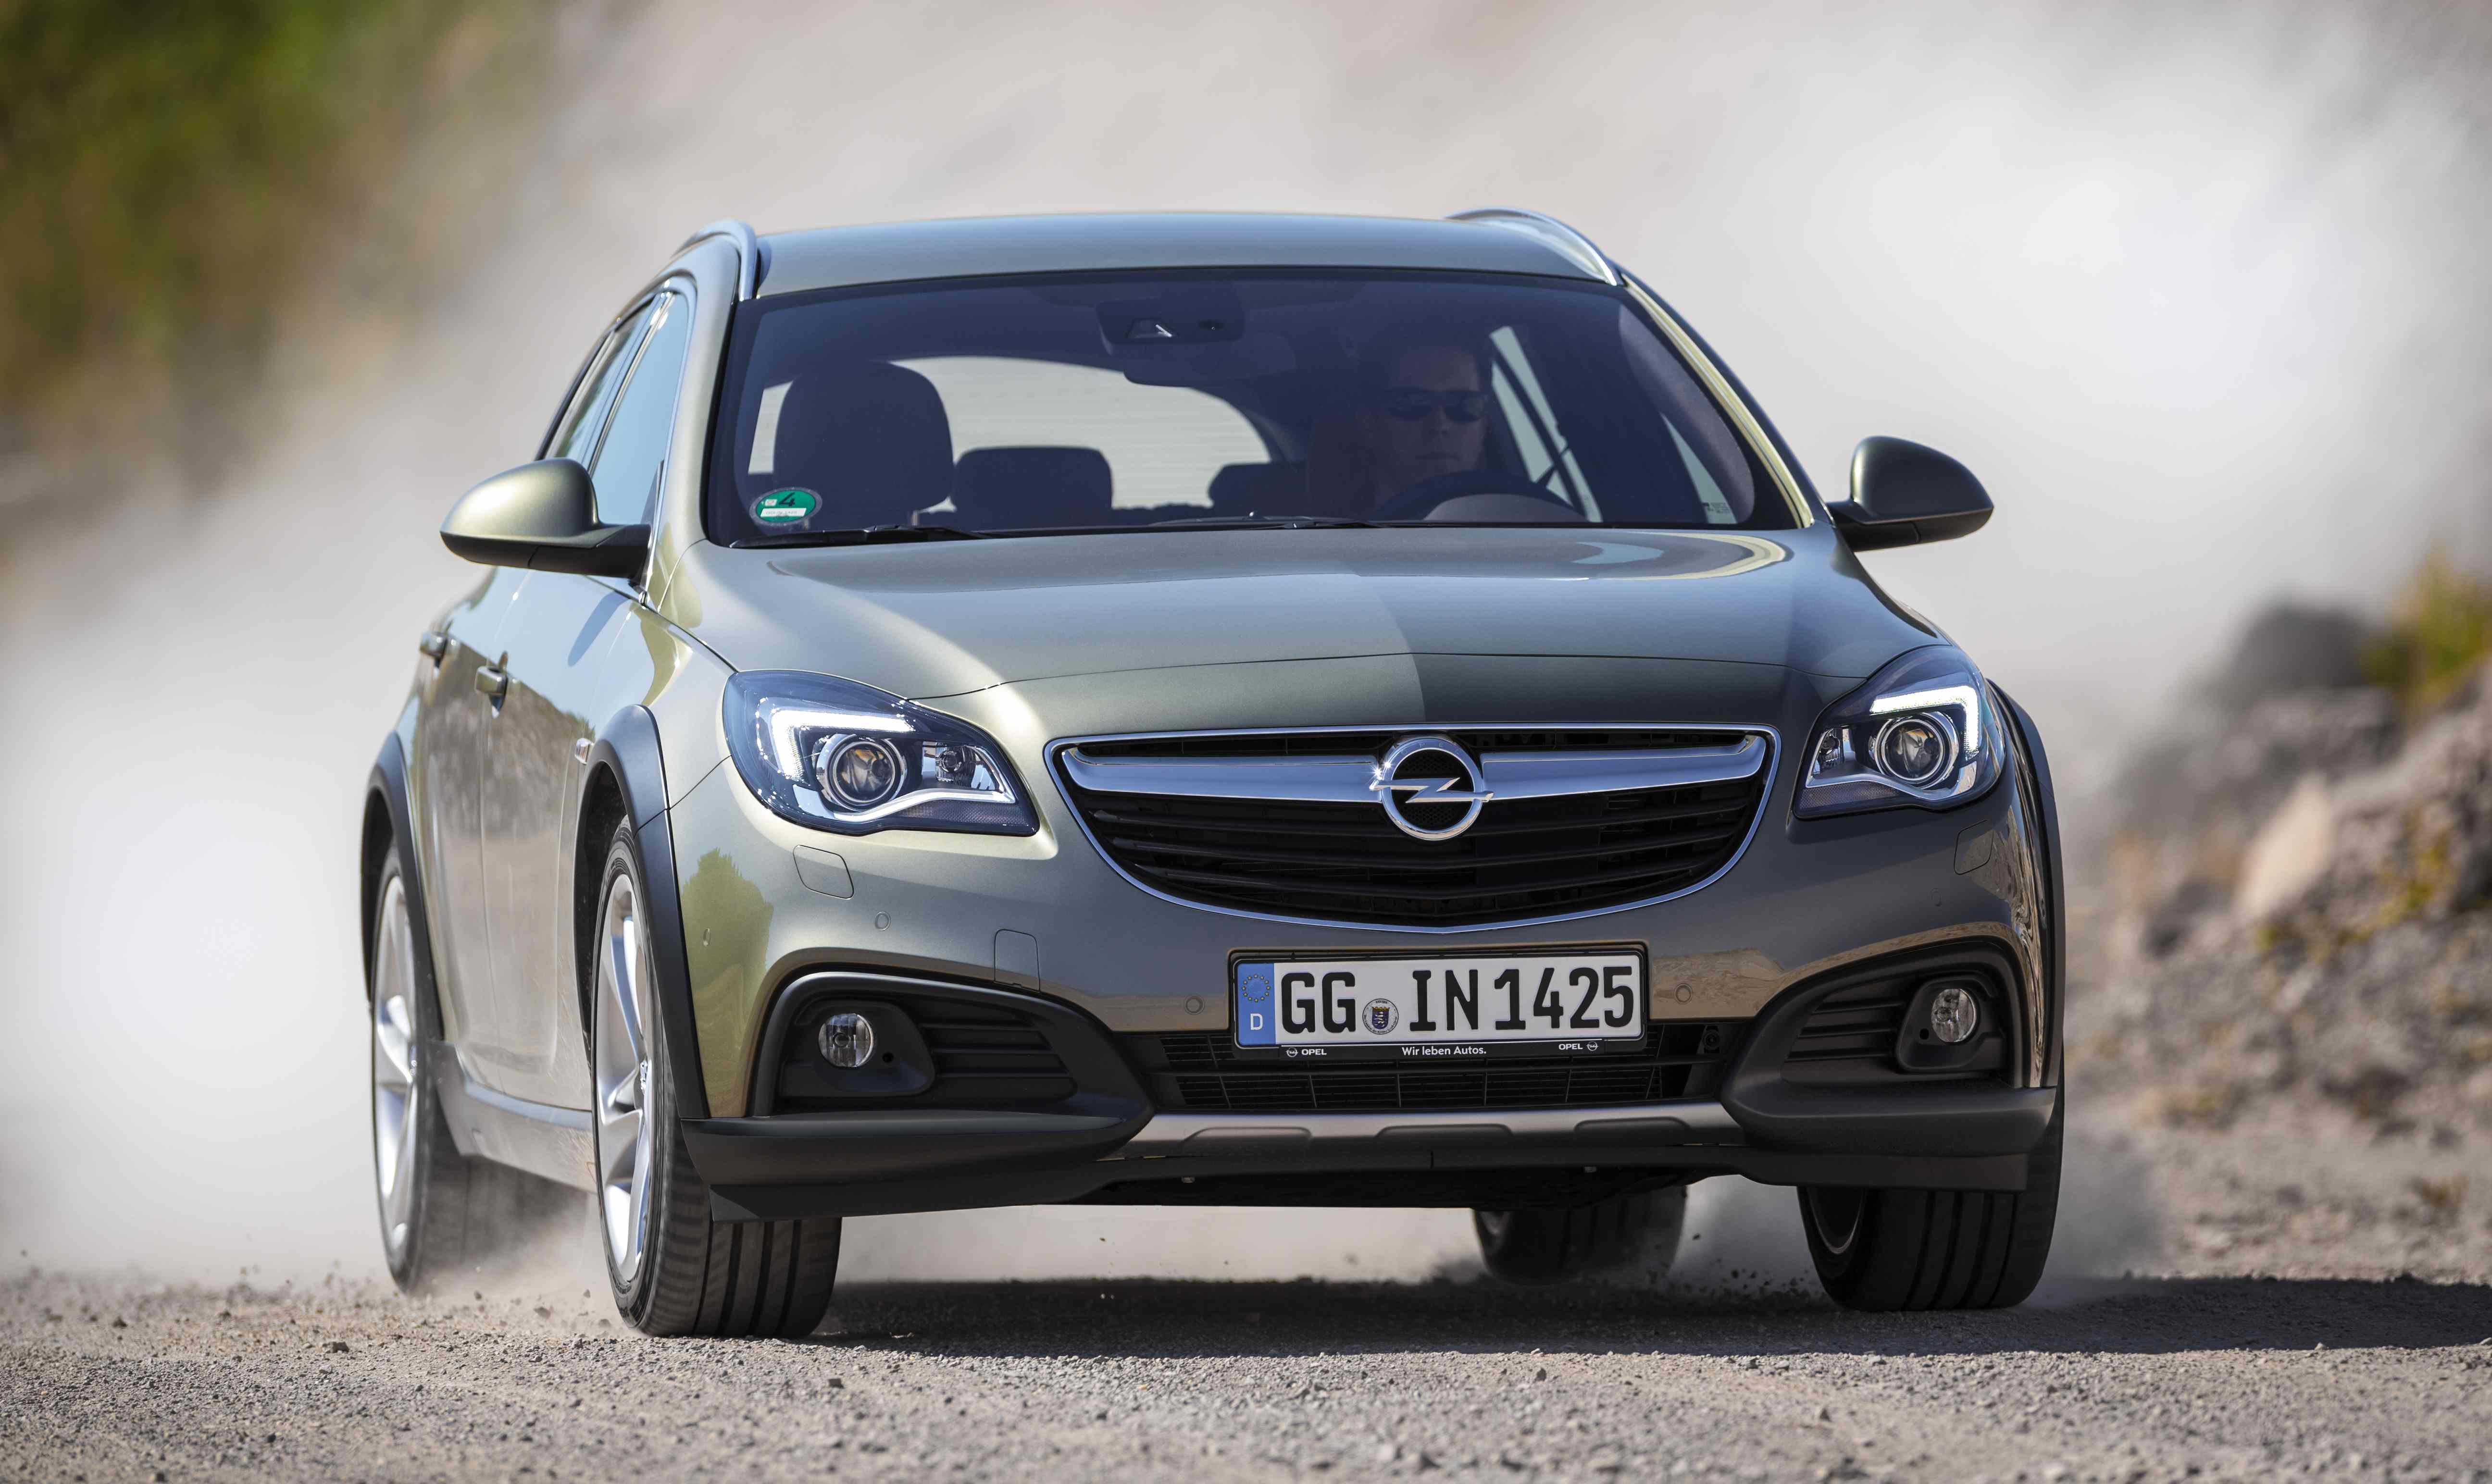 ppe DHB online 20150303 Opel Motorisierungen 3